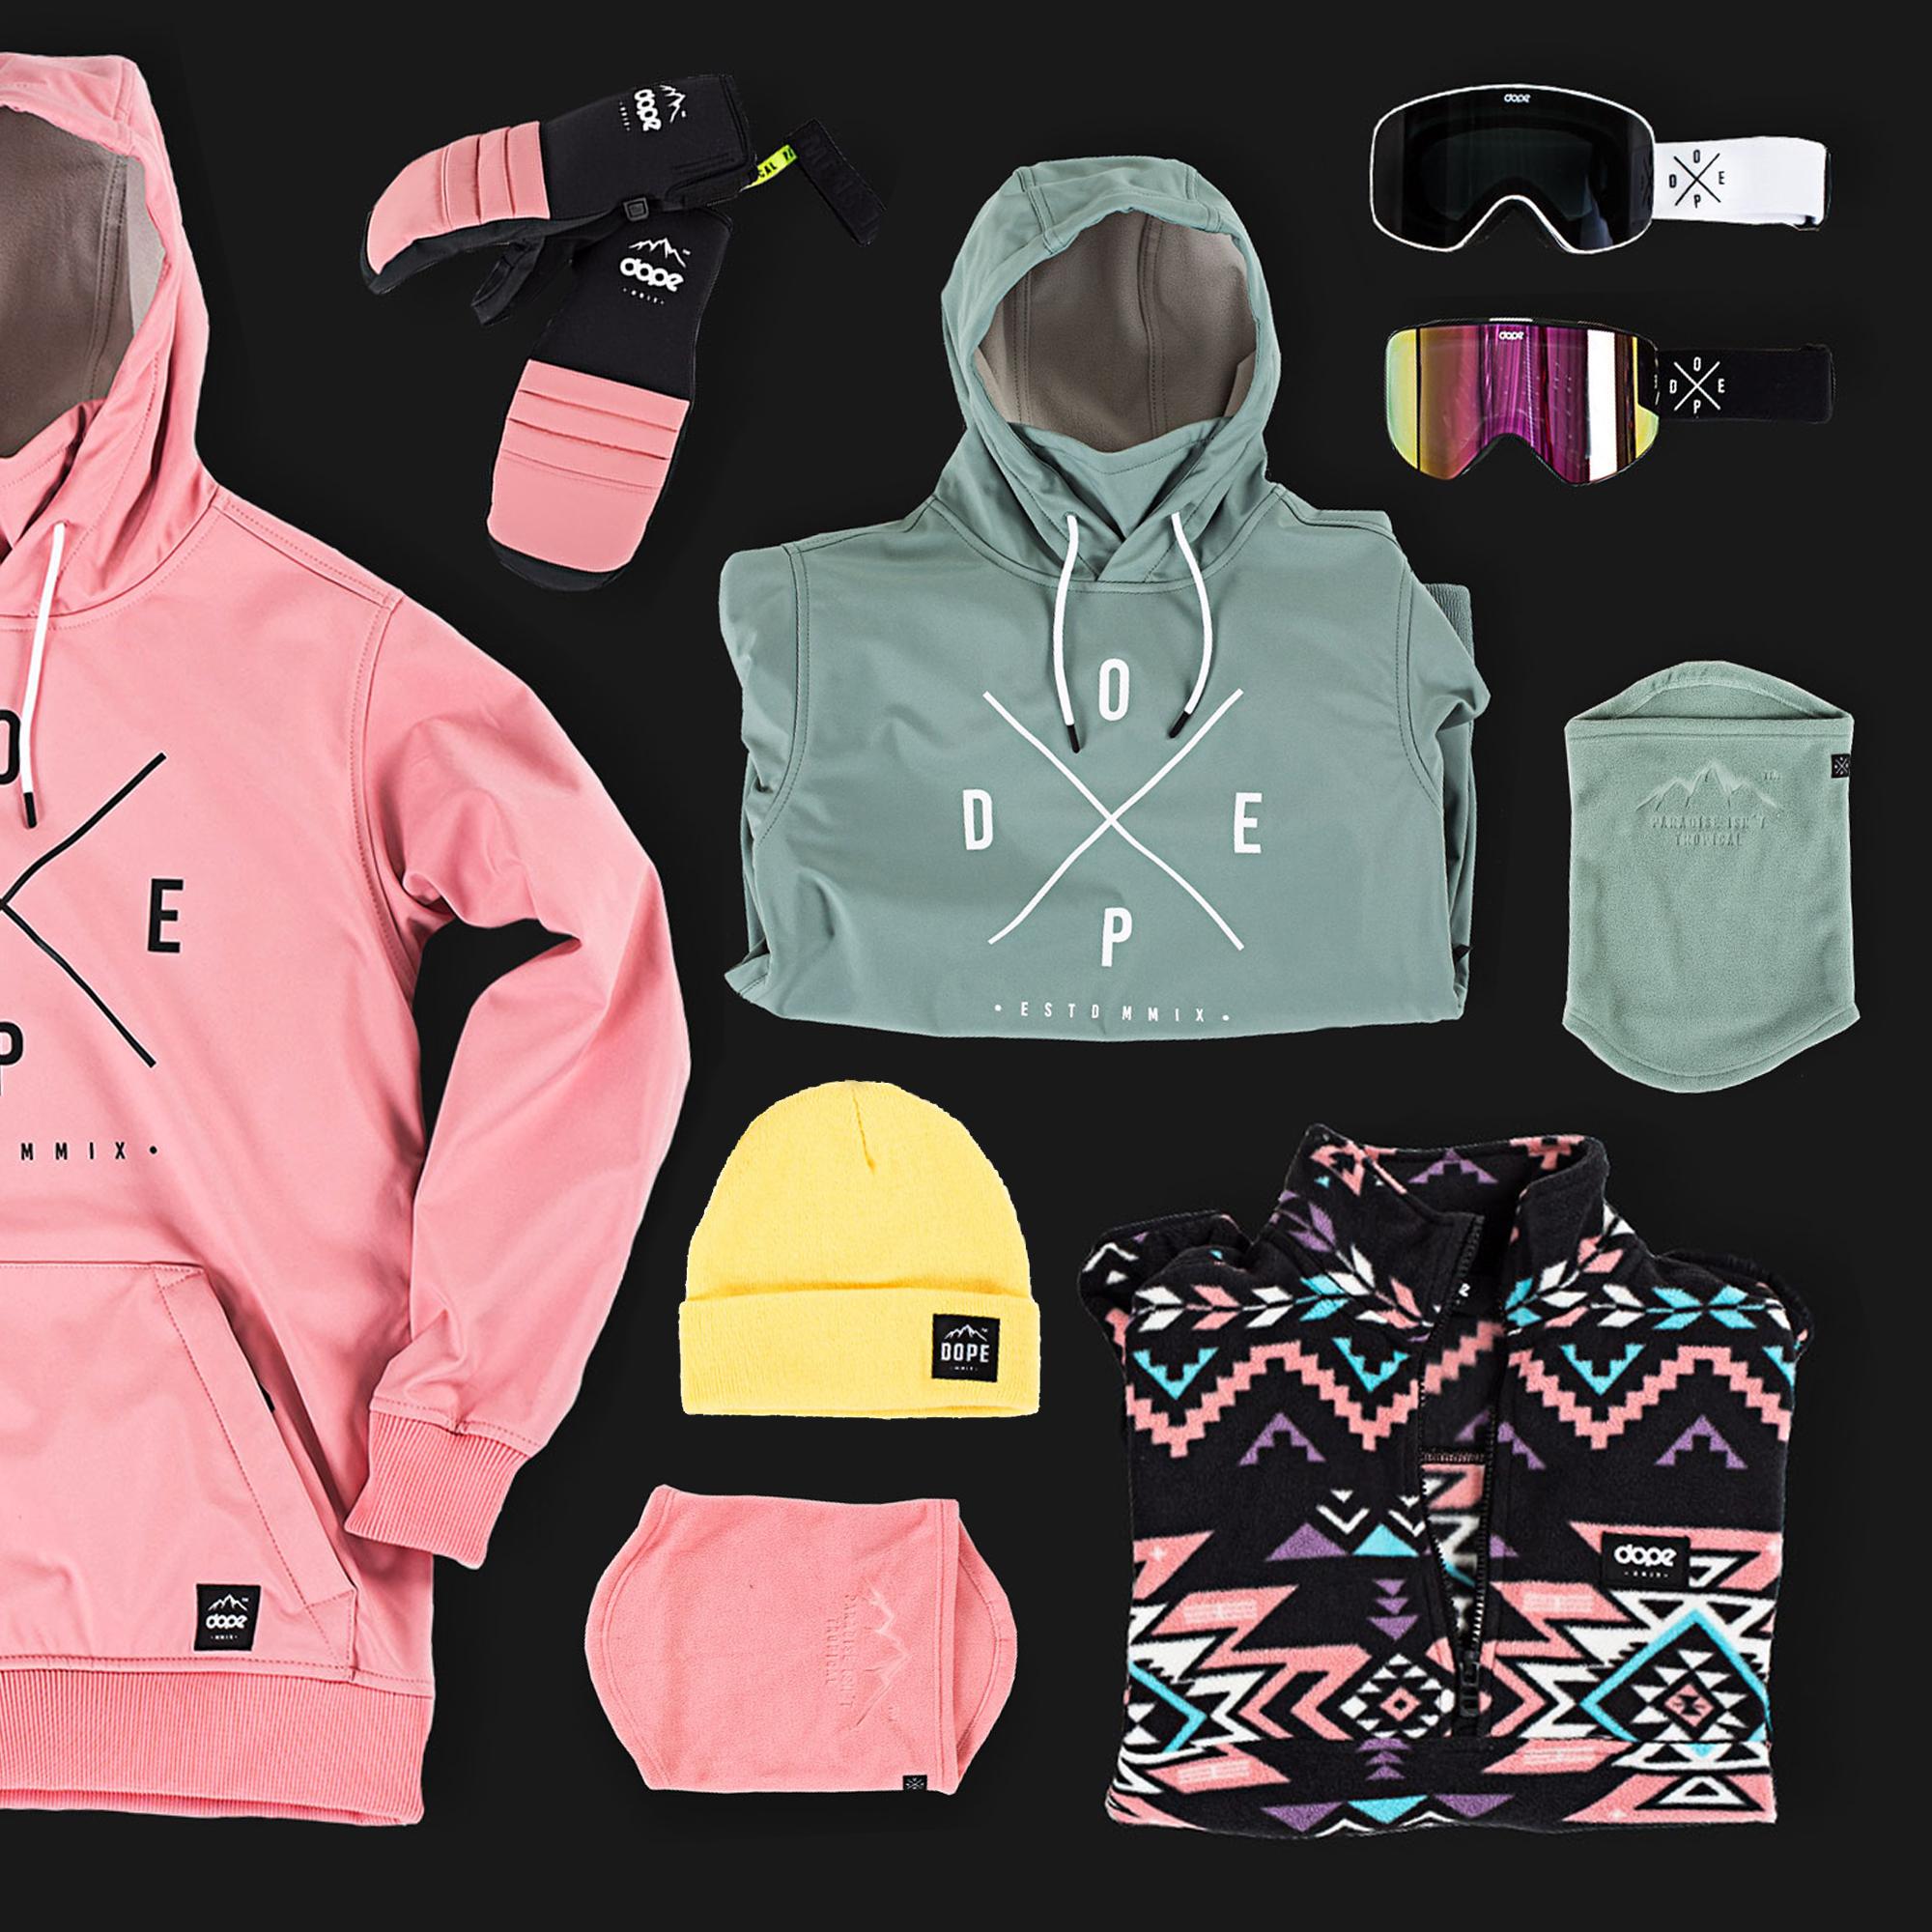 Aus Alten Sachen Schönes Machen Deko Luxus Ridestore Streetwear Snowboard Ski Outdoor